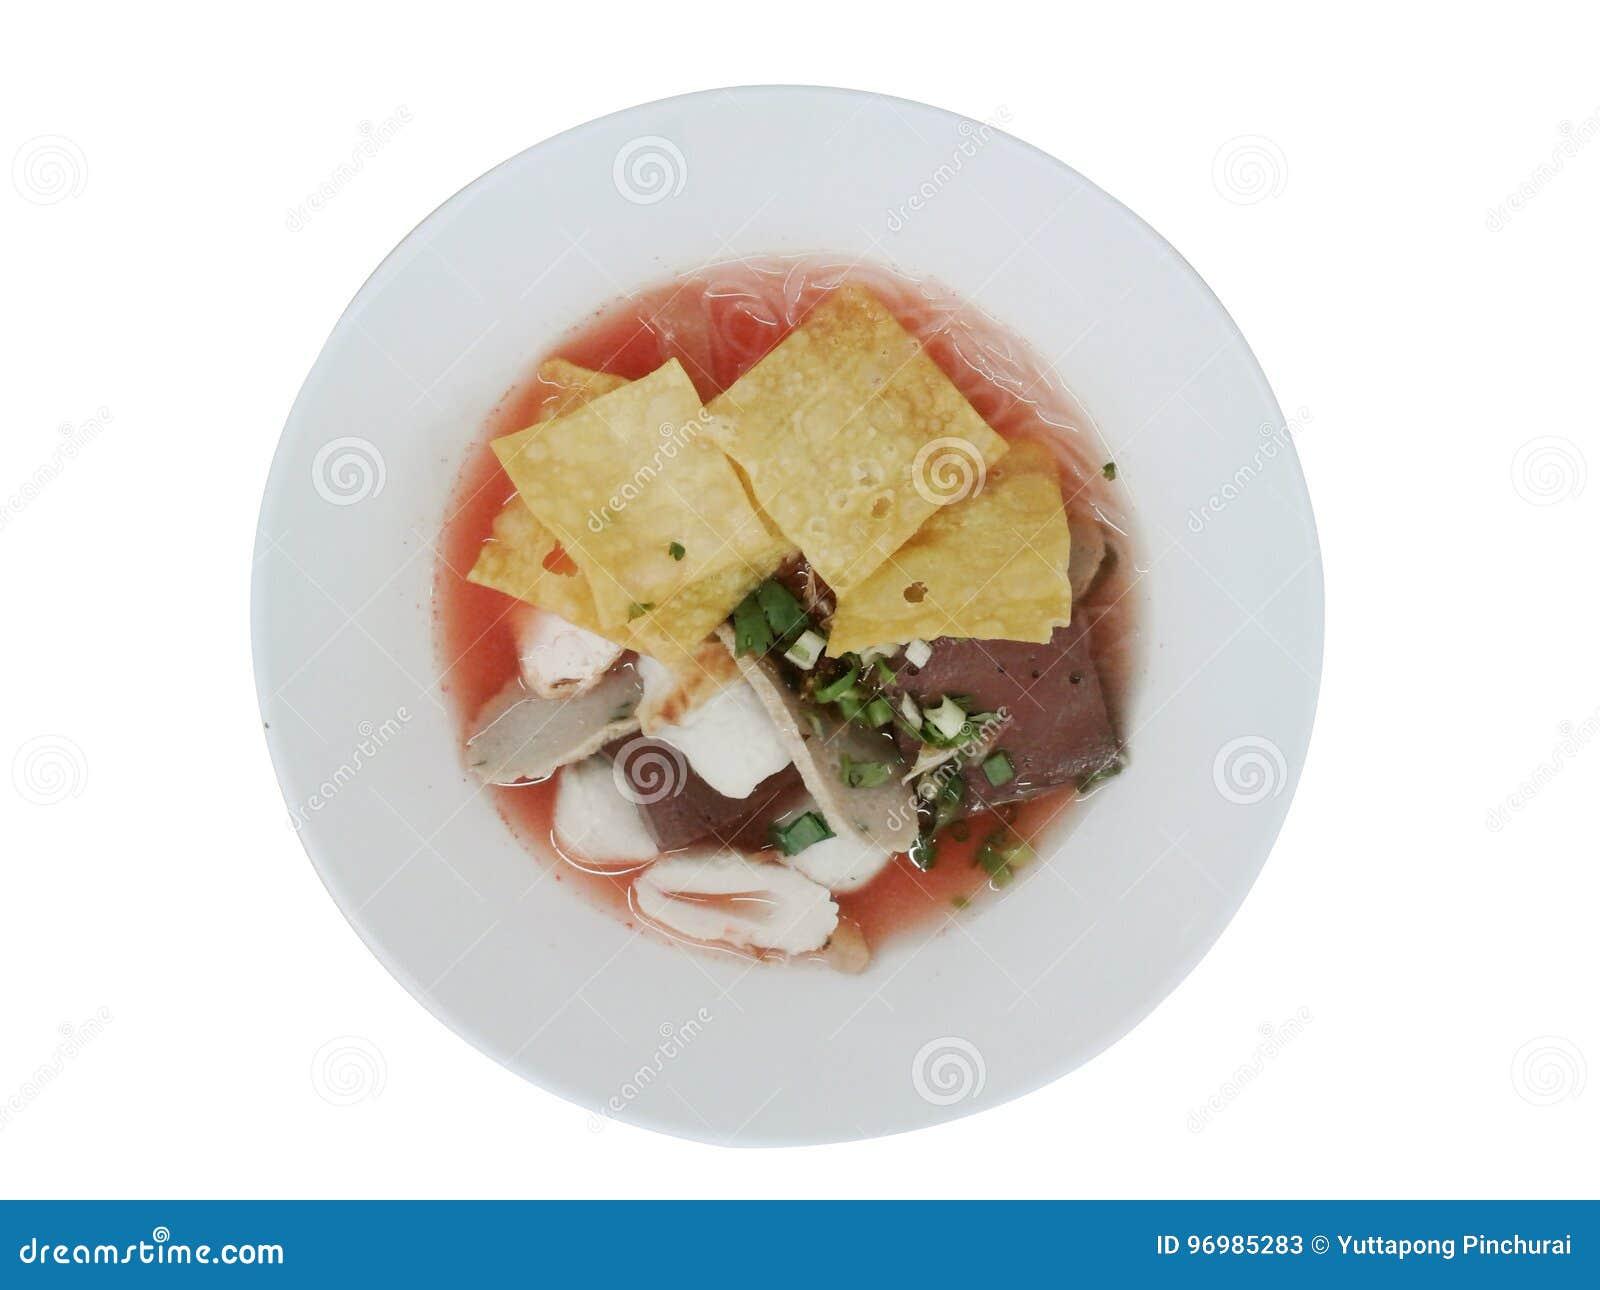 桃红色与鱼丸,饺子鱼,鸡蛋的海鲜平的面条和